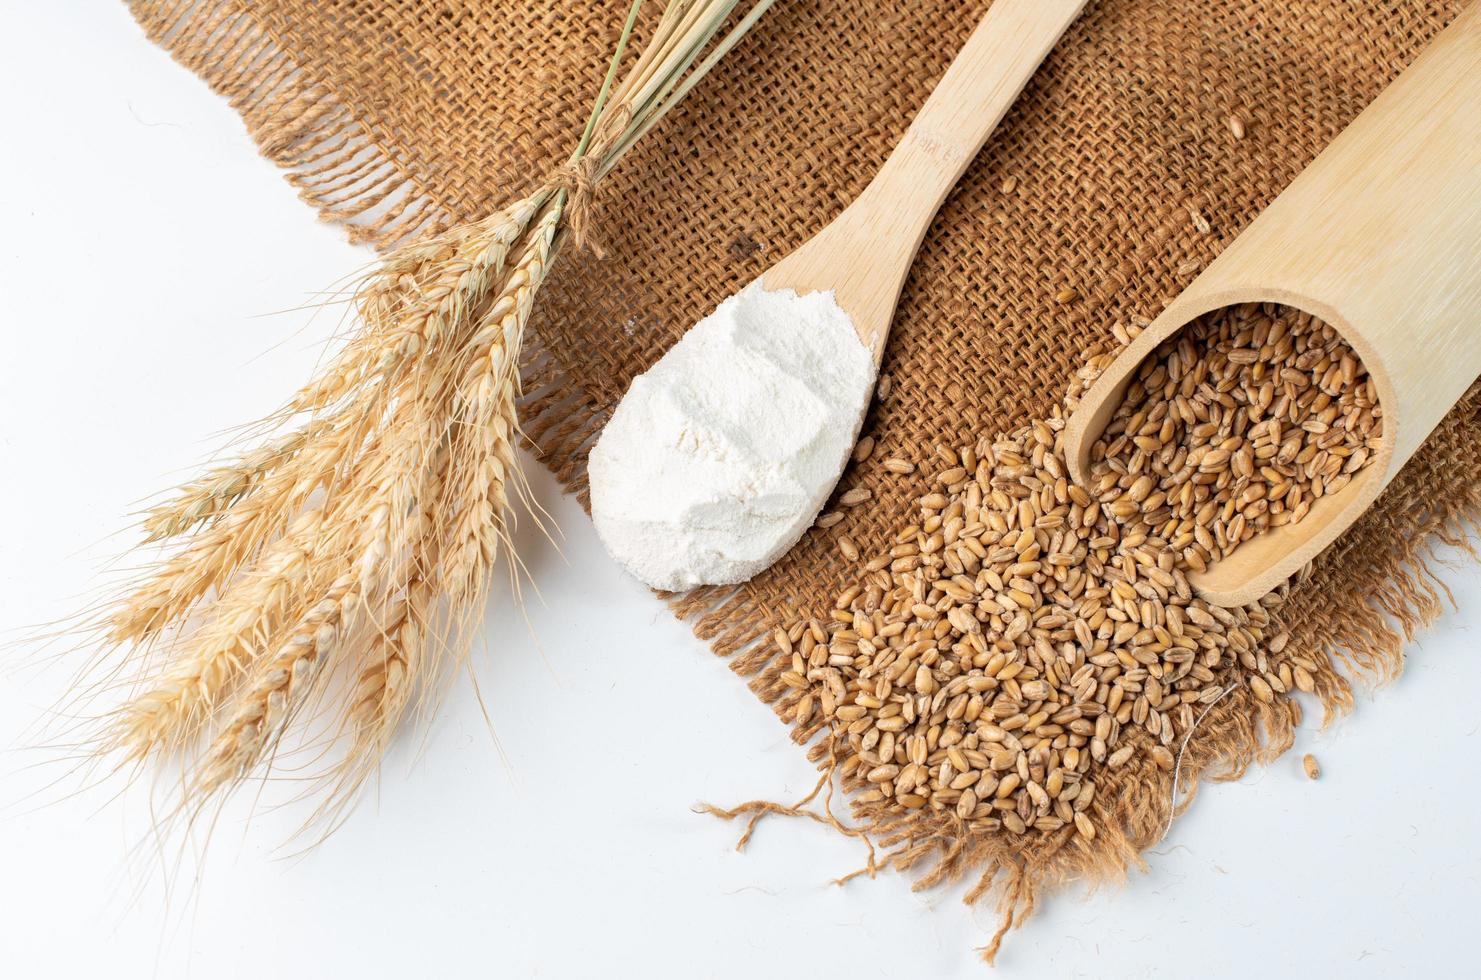 Mehl und Weizen Zutaten zum Backen foto